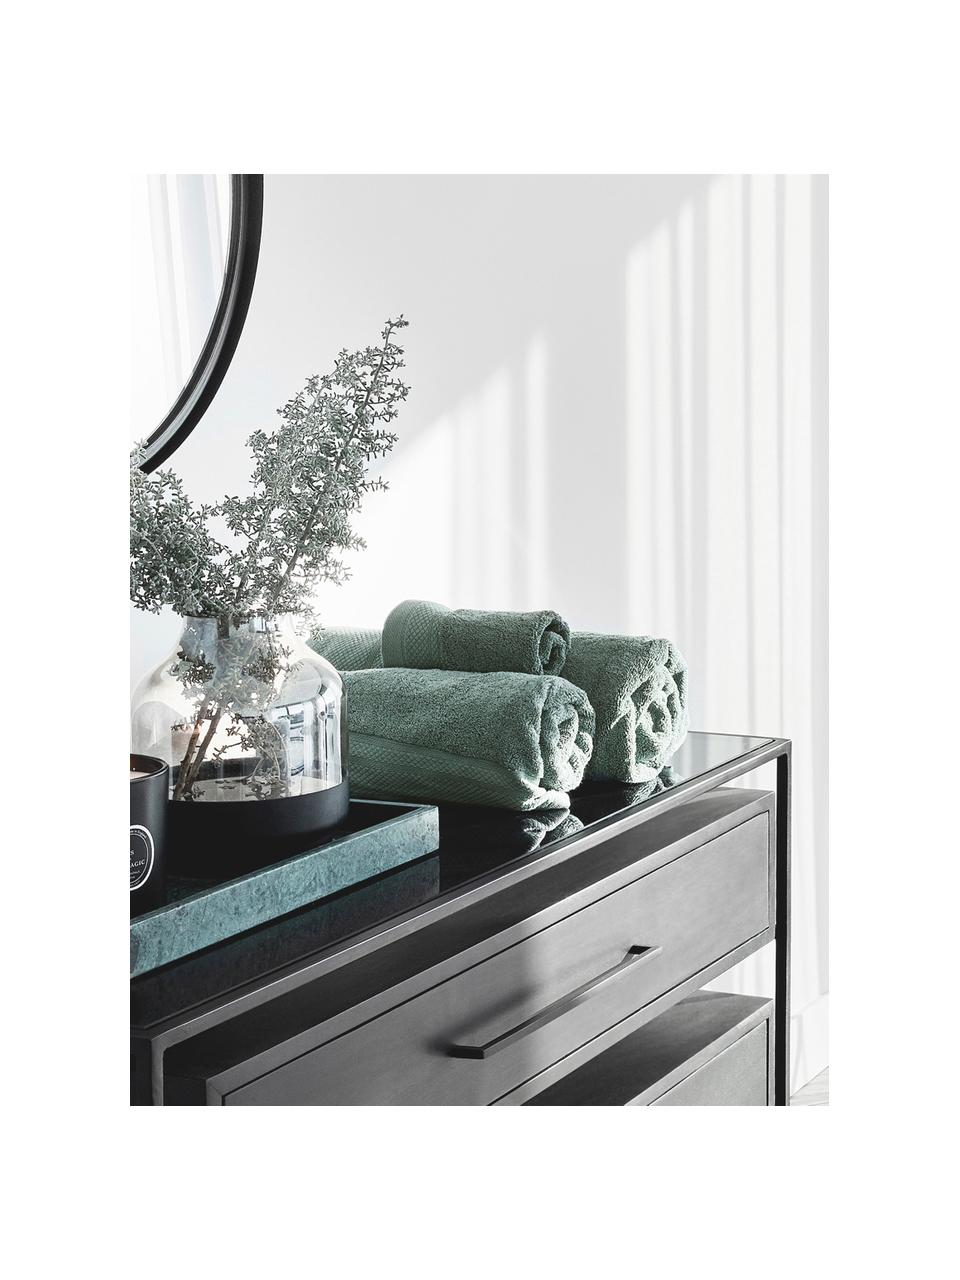 Set 3 asciugamani con bordo decorativo classico Premium, Verde salvia, Set in varie misure